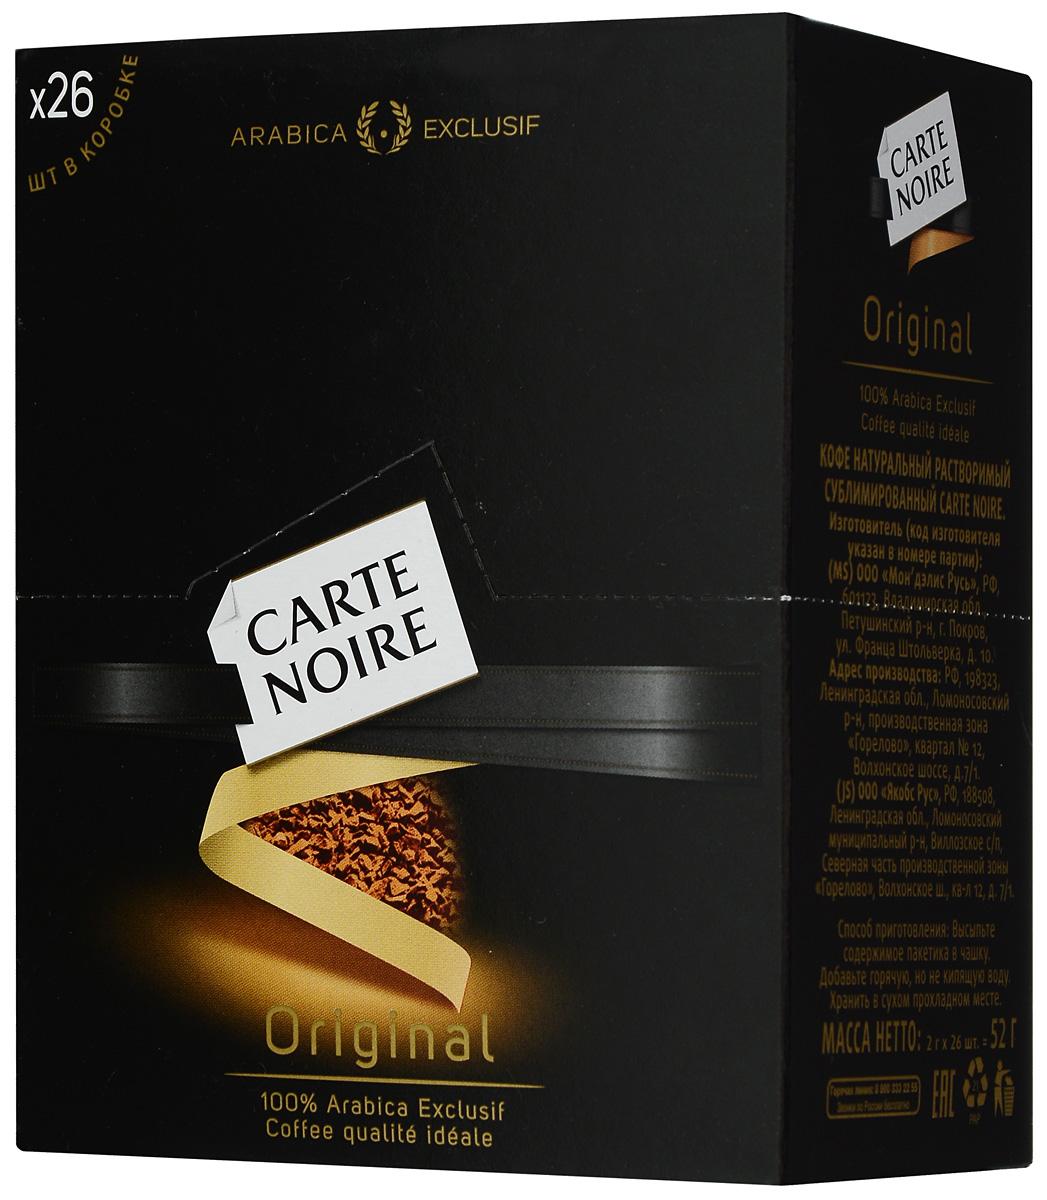 Carte Noire Original кофе растворимый в пакетиках, 26 шт5410958482608Достигнув совершенства в кофейном мастерстве, Carte Noire создал новый стандарт качества кофе. Обжарка Carte Noire Огонь и Лед раскрывает всю интенсивность и богатство вкуса натурального кофейного зерна. Так же как лед украшает пламя, холодный поток останавливает обжарку на самом пике, чтобы создать совершенный насыщенный кофе. В этом столкновении контрастов рождается исключительность Carte Noire - его безупречный насыщенный вкус и непревзойденное качество.Для создания нового вкуса совершенного французского кофе Carte Noire используются высококачественные кофейные зерна 100% Arabica Exclusif.